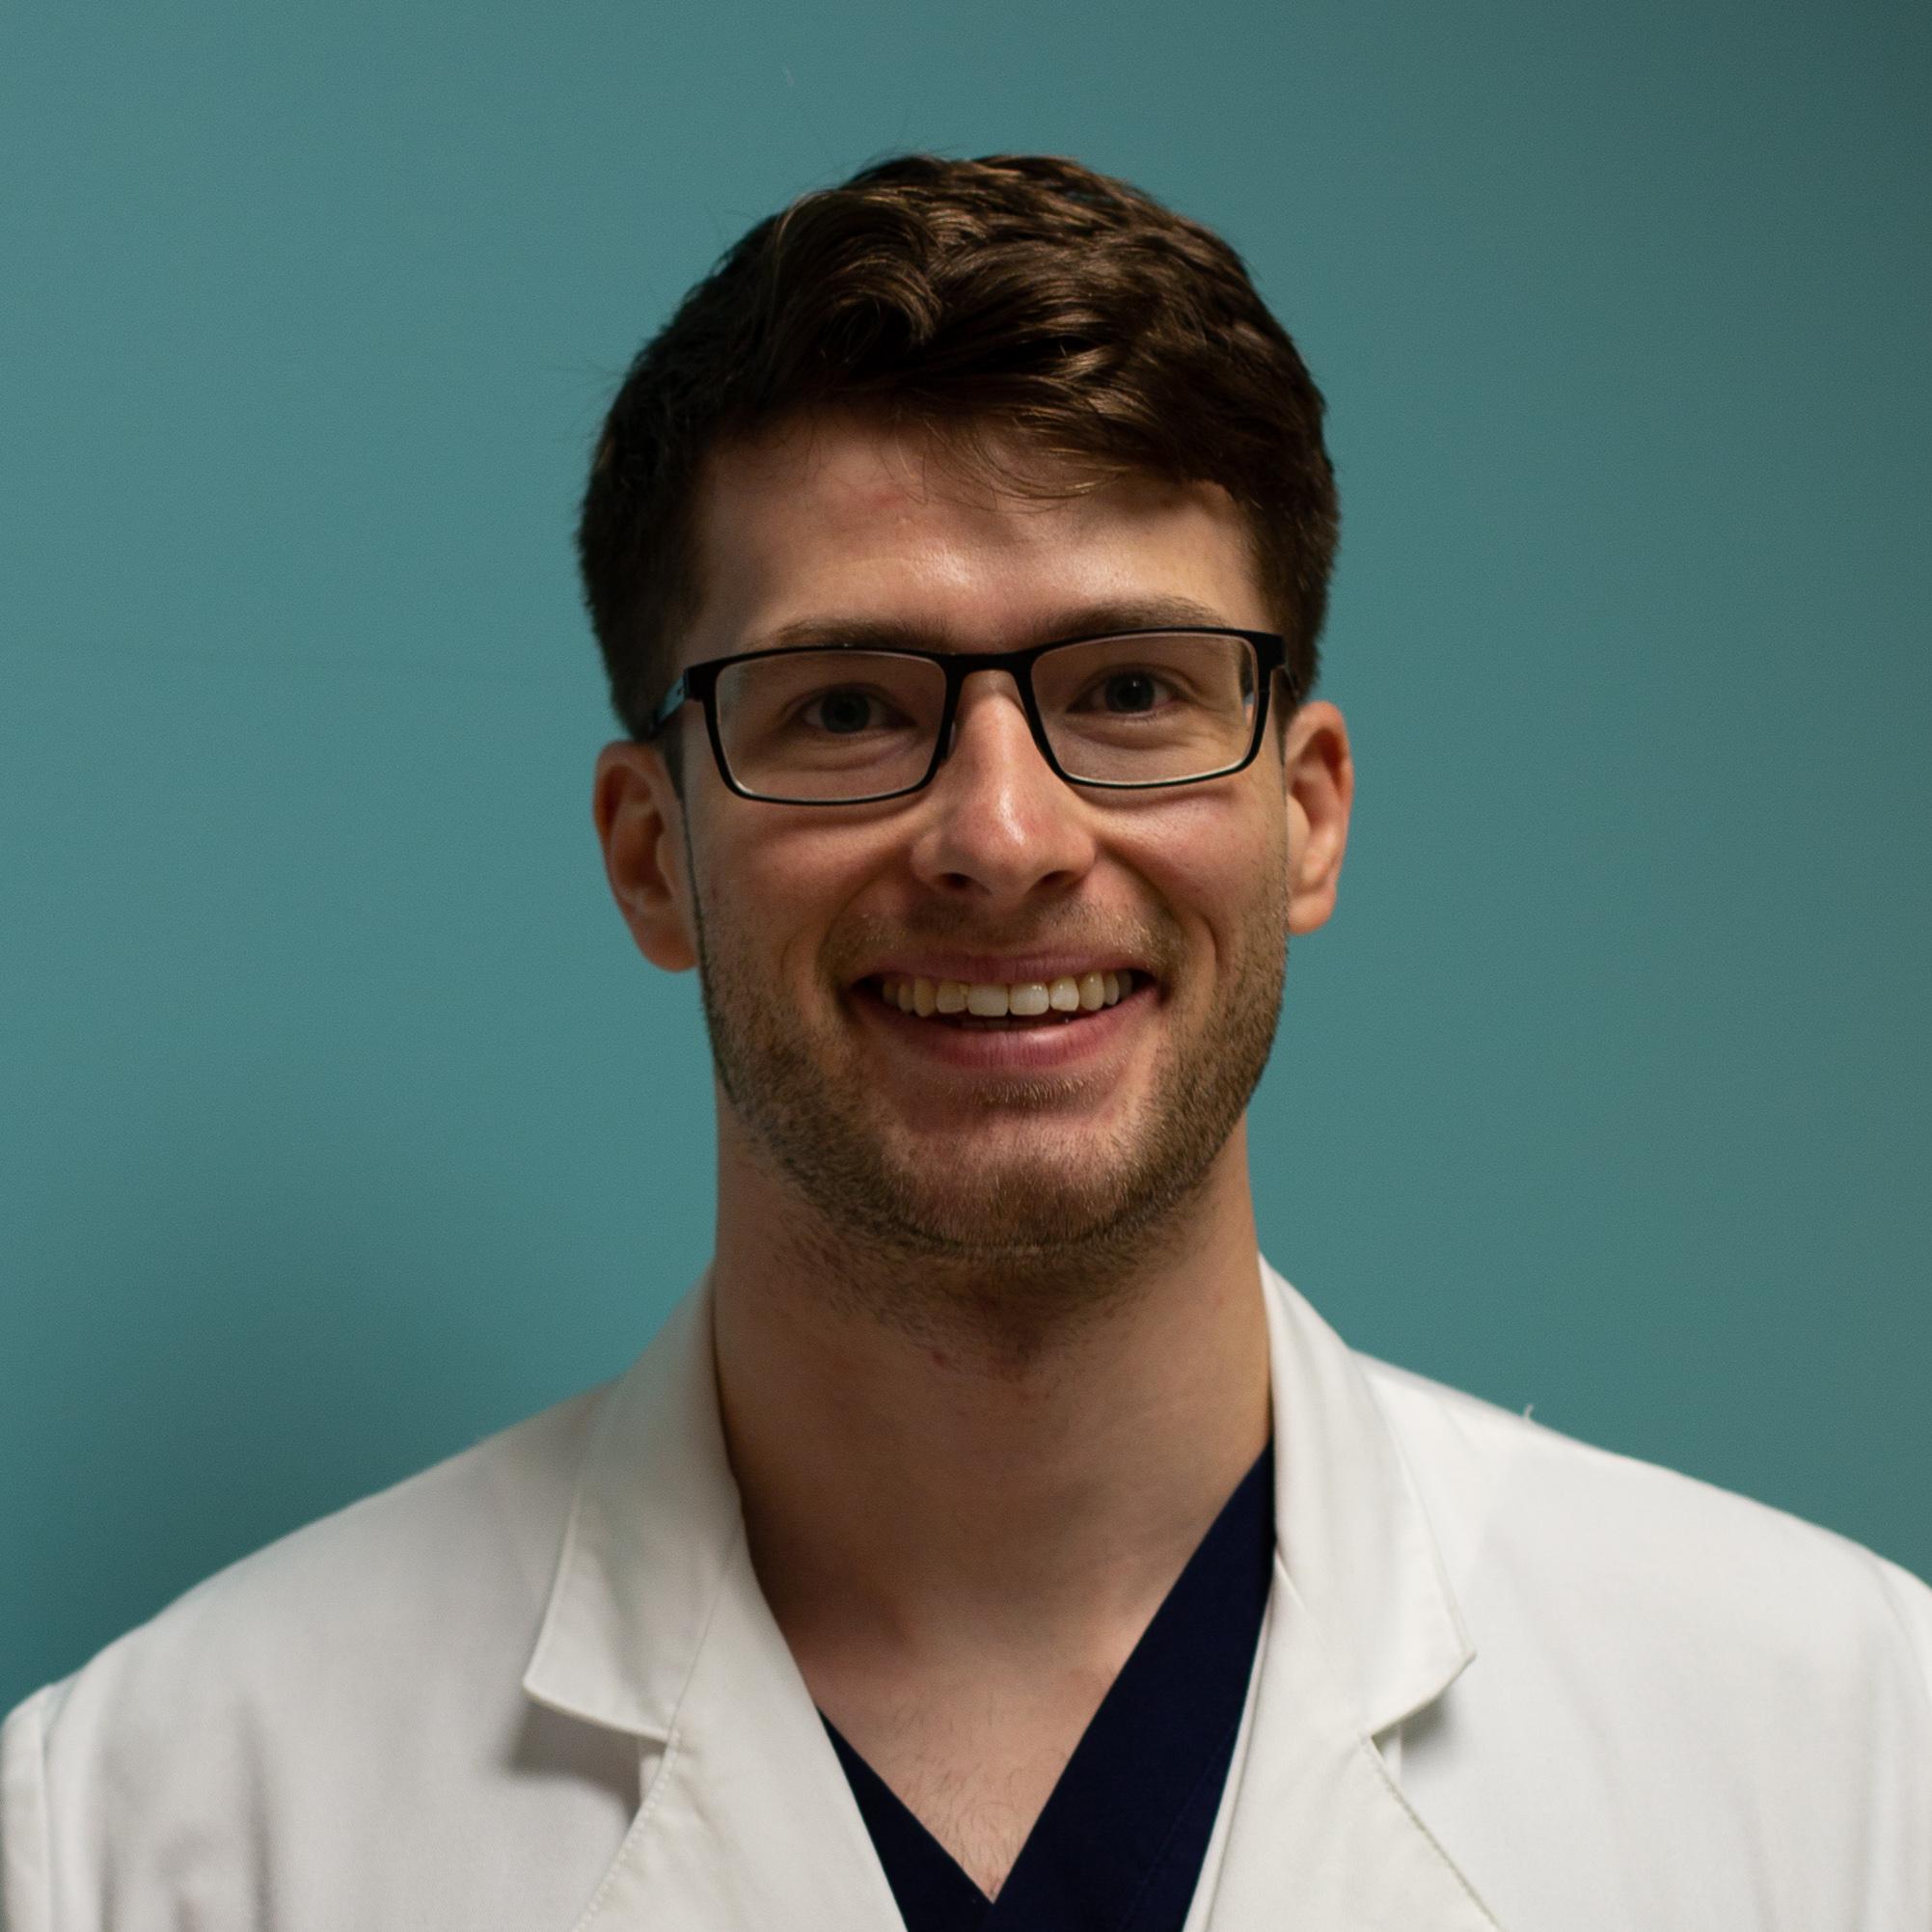 Copy of Julian McLain, MD<br>Chicago Med